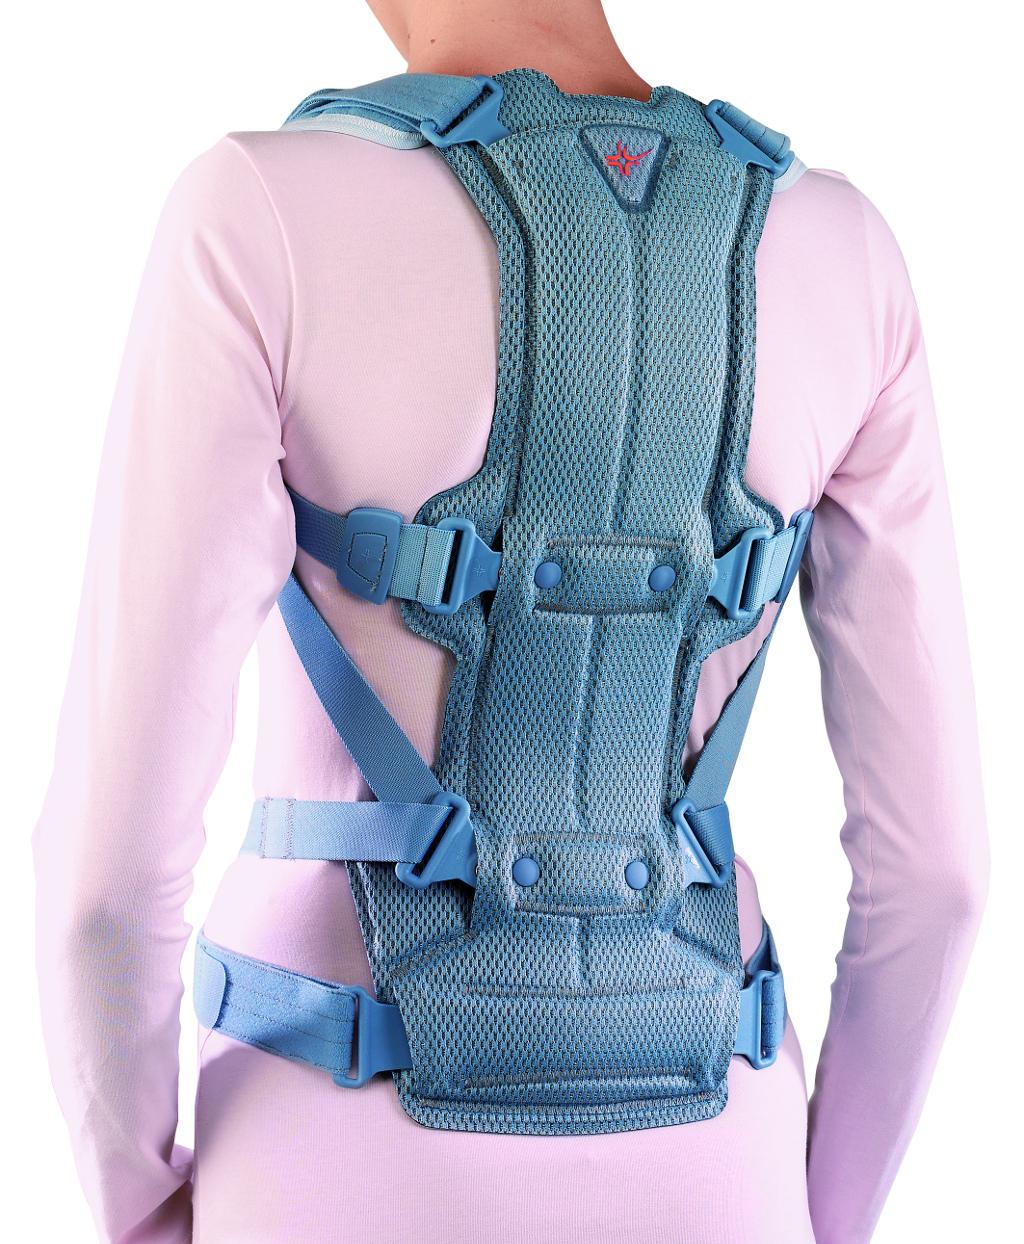 corsetto-rigido-per-osteoporosi